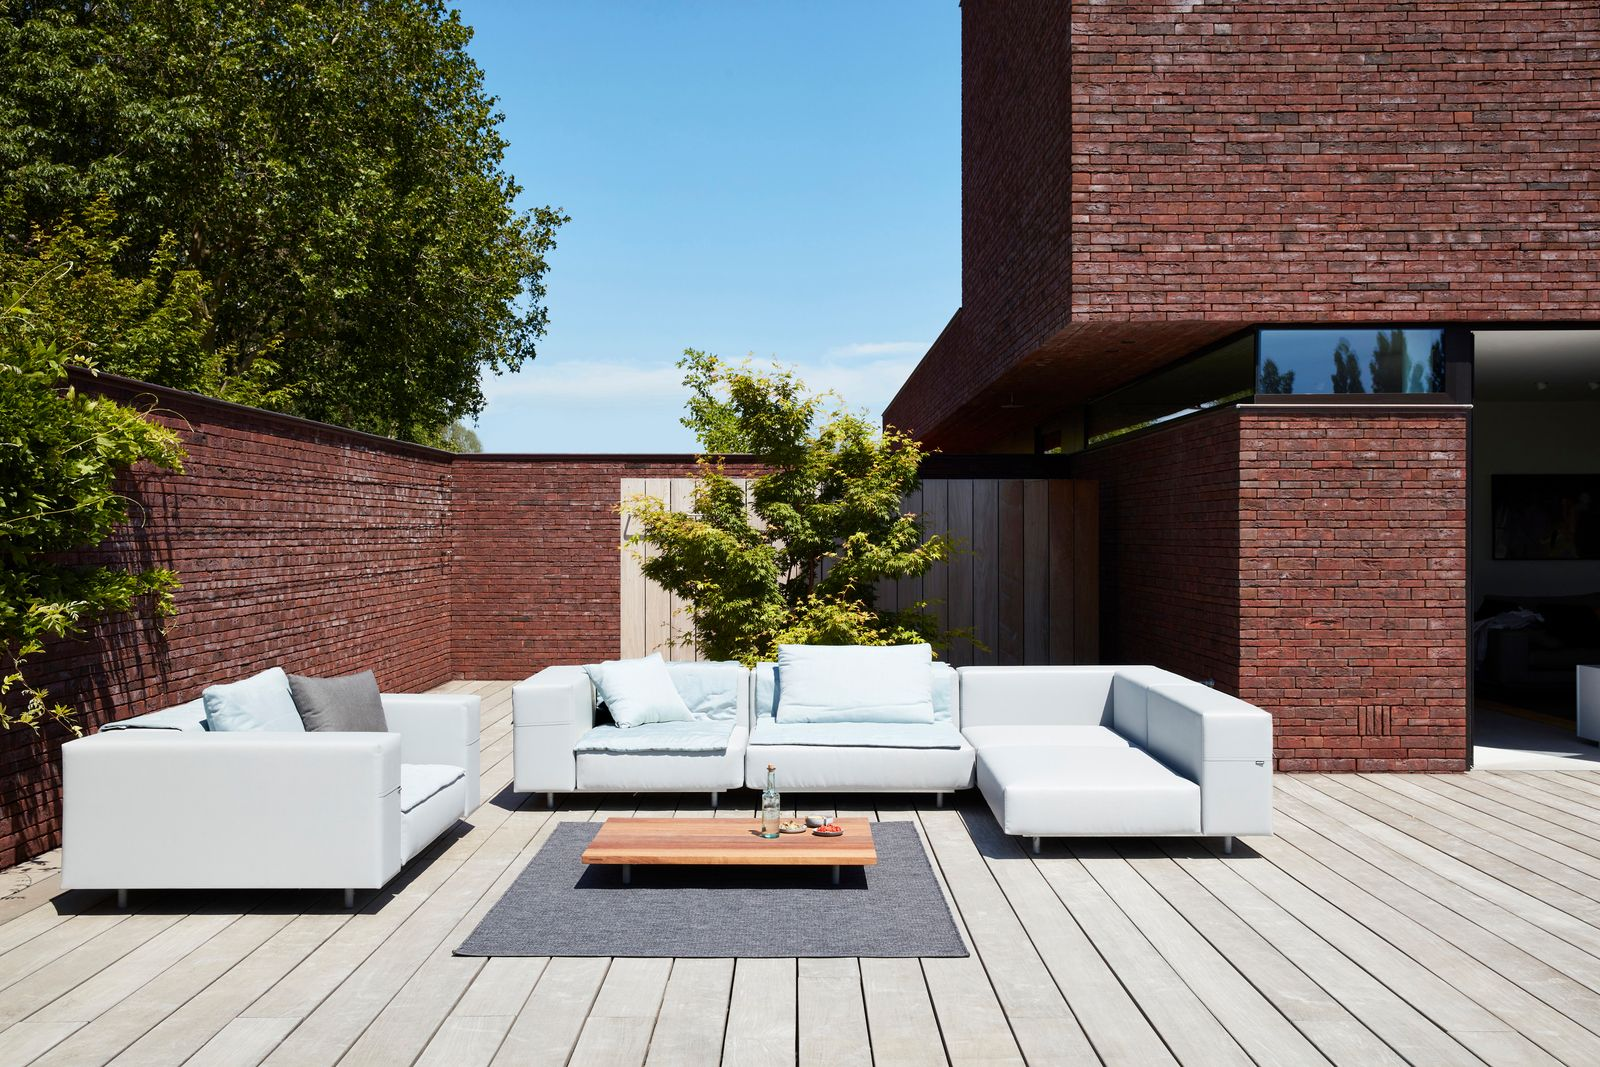 Une terrasse pour profiter des amis